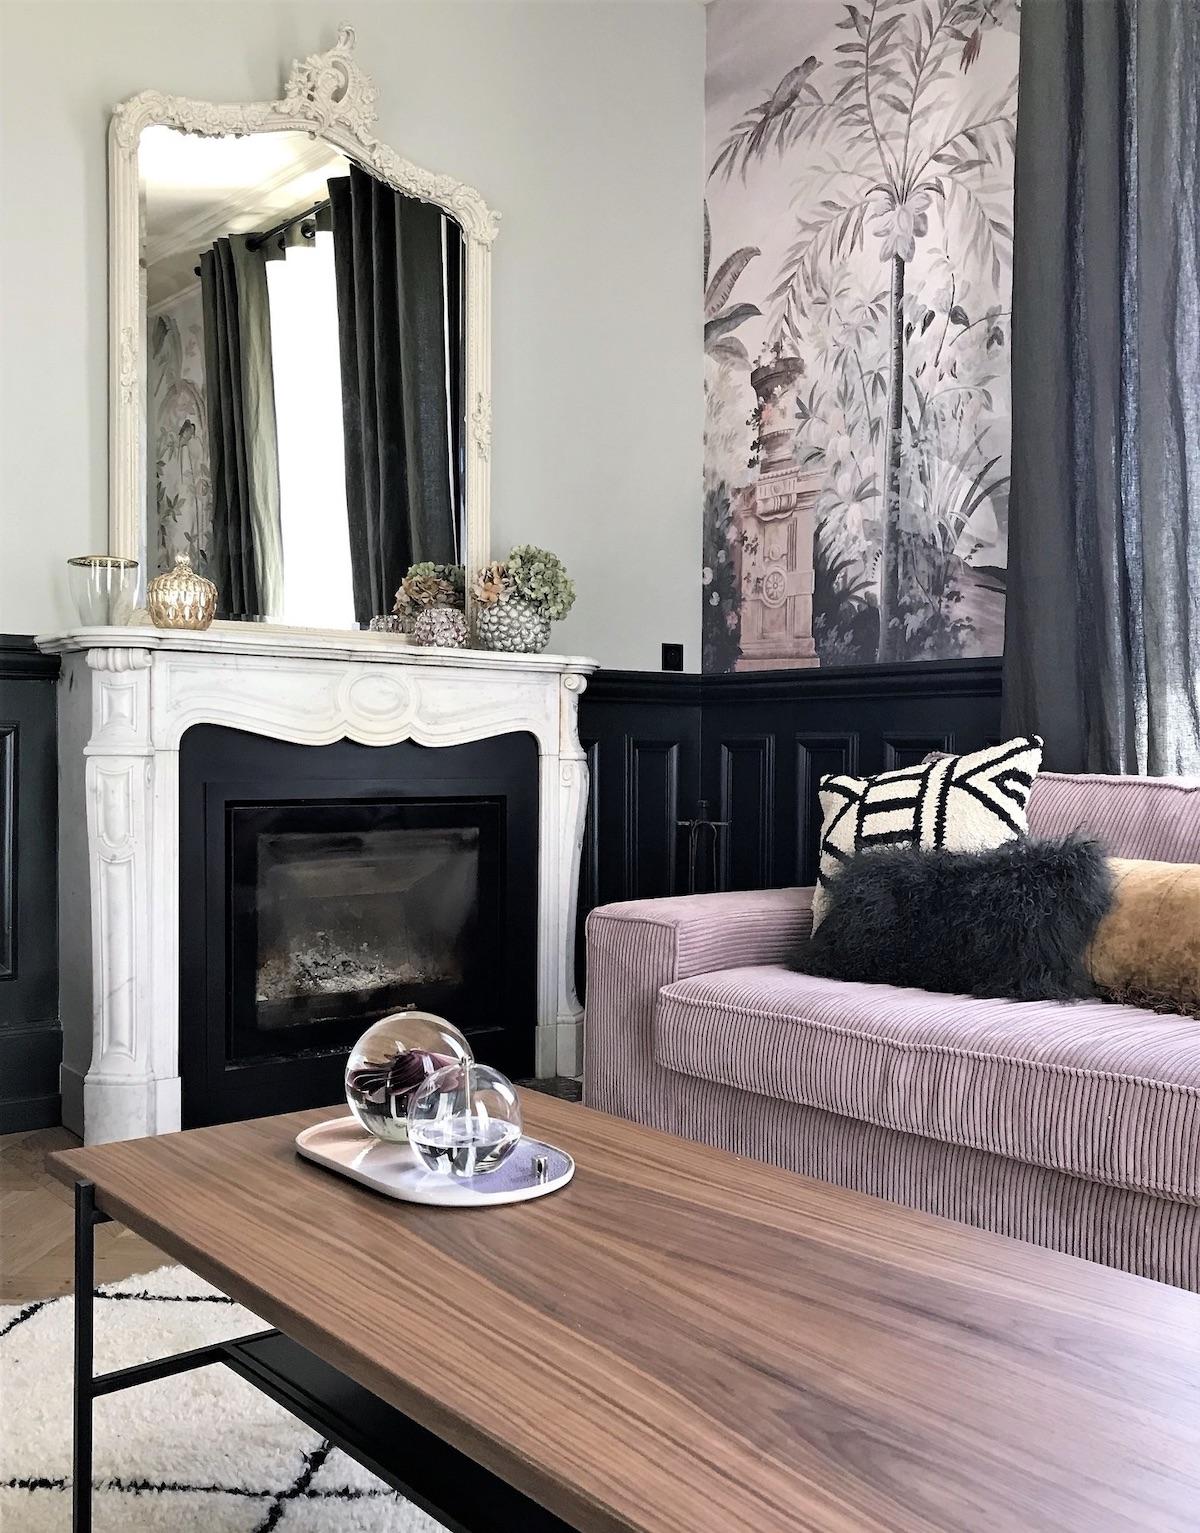 décoration intérieure maison haussmannienne cheminée marbre blanc canapé velours côtelé miroir vintage - blog déco - clematc